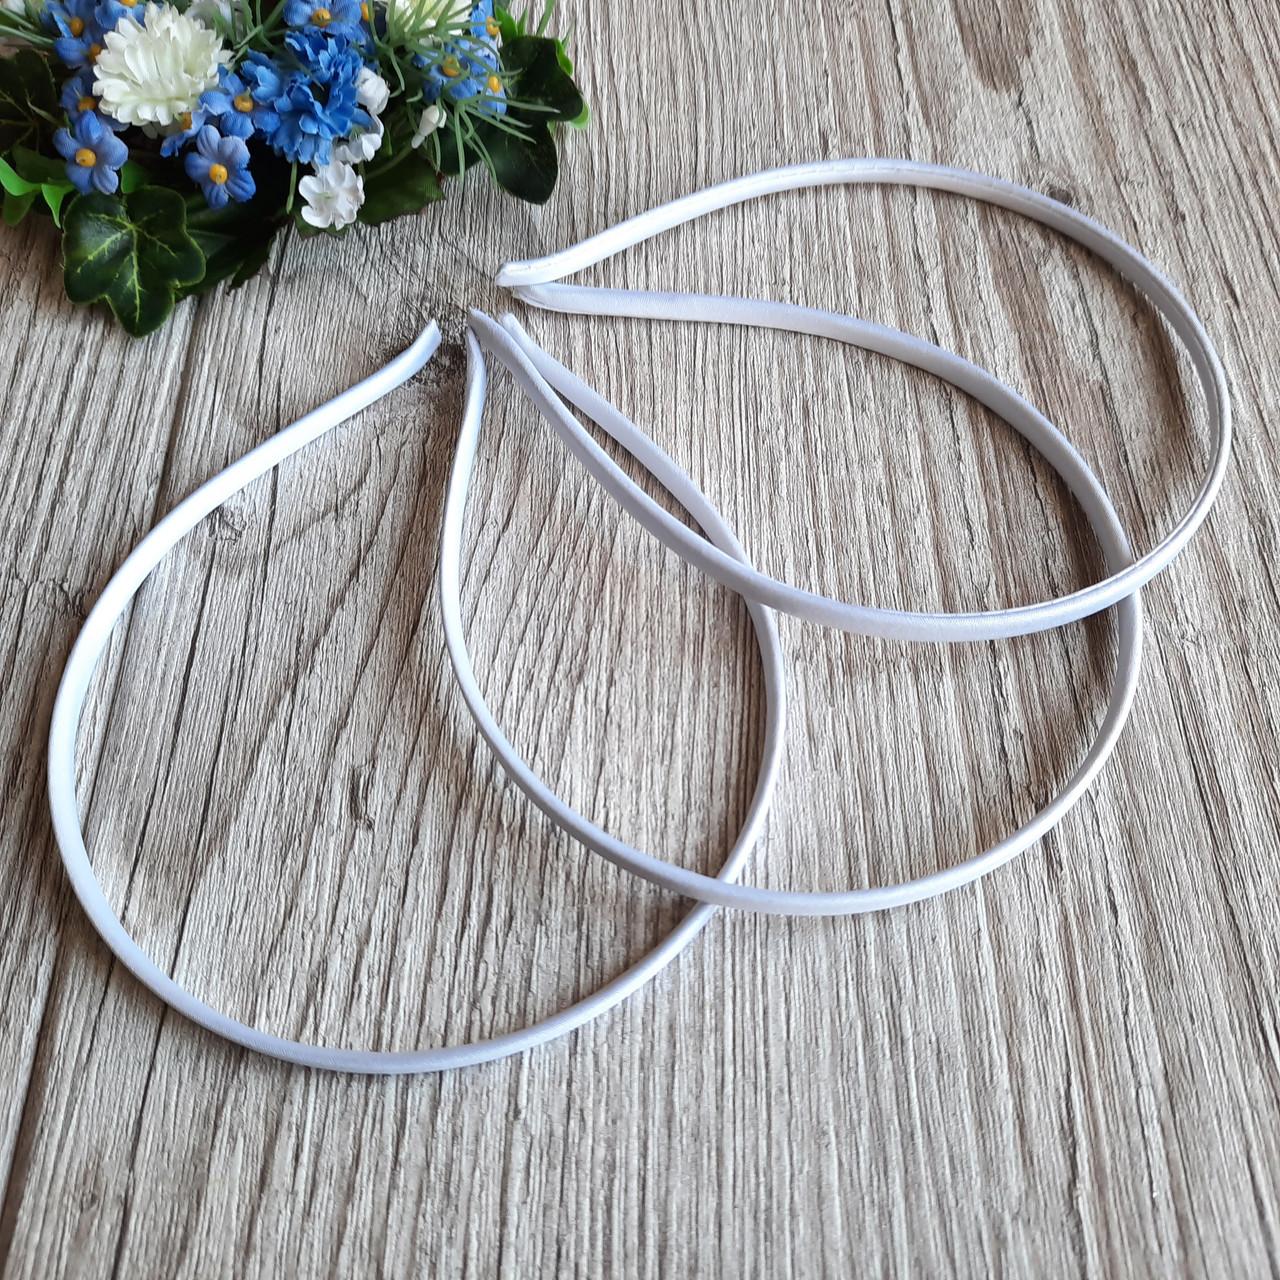 Обруч металлический шириной 5 мм, обтянут белой атласной тканью.